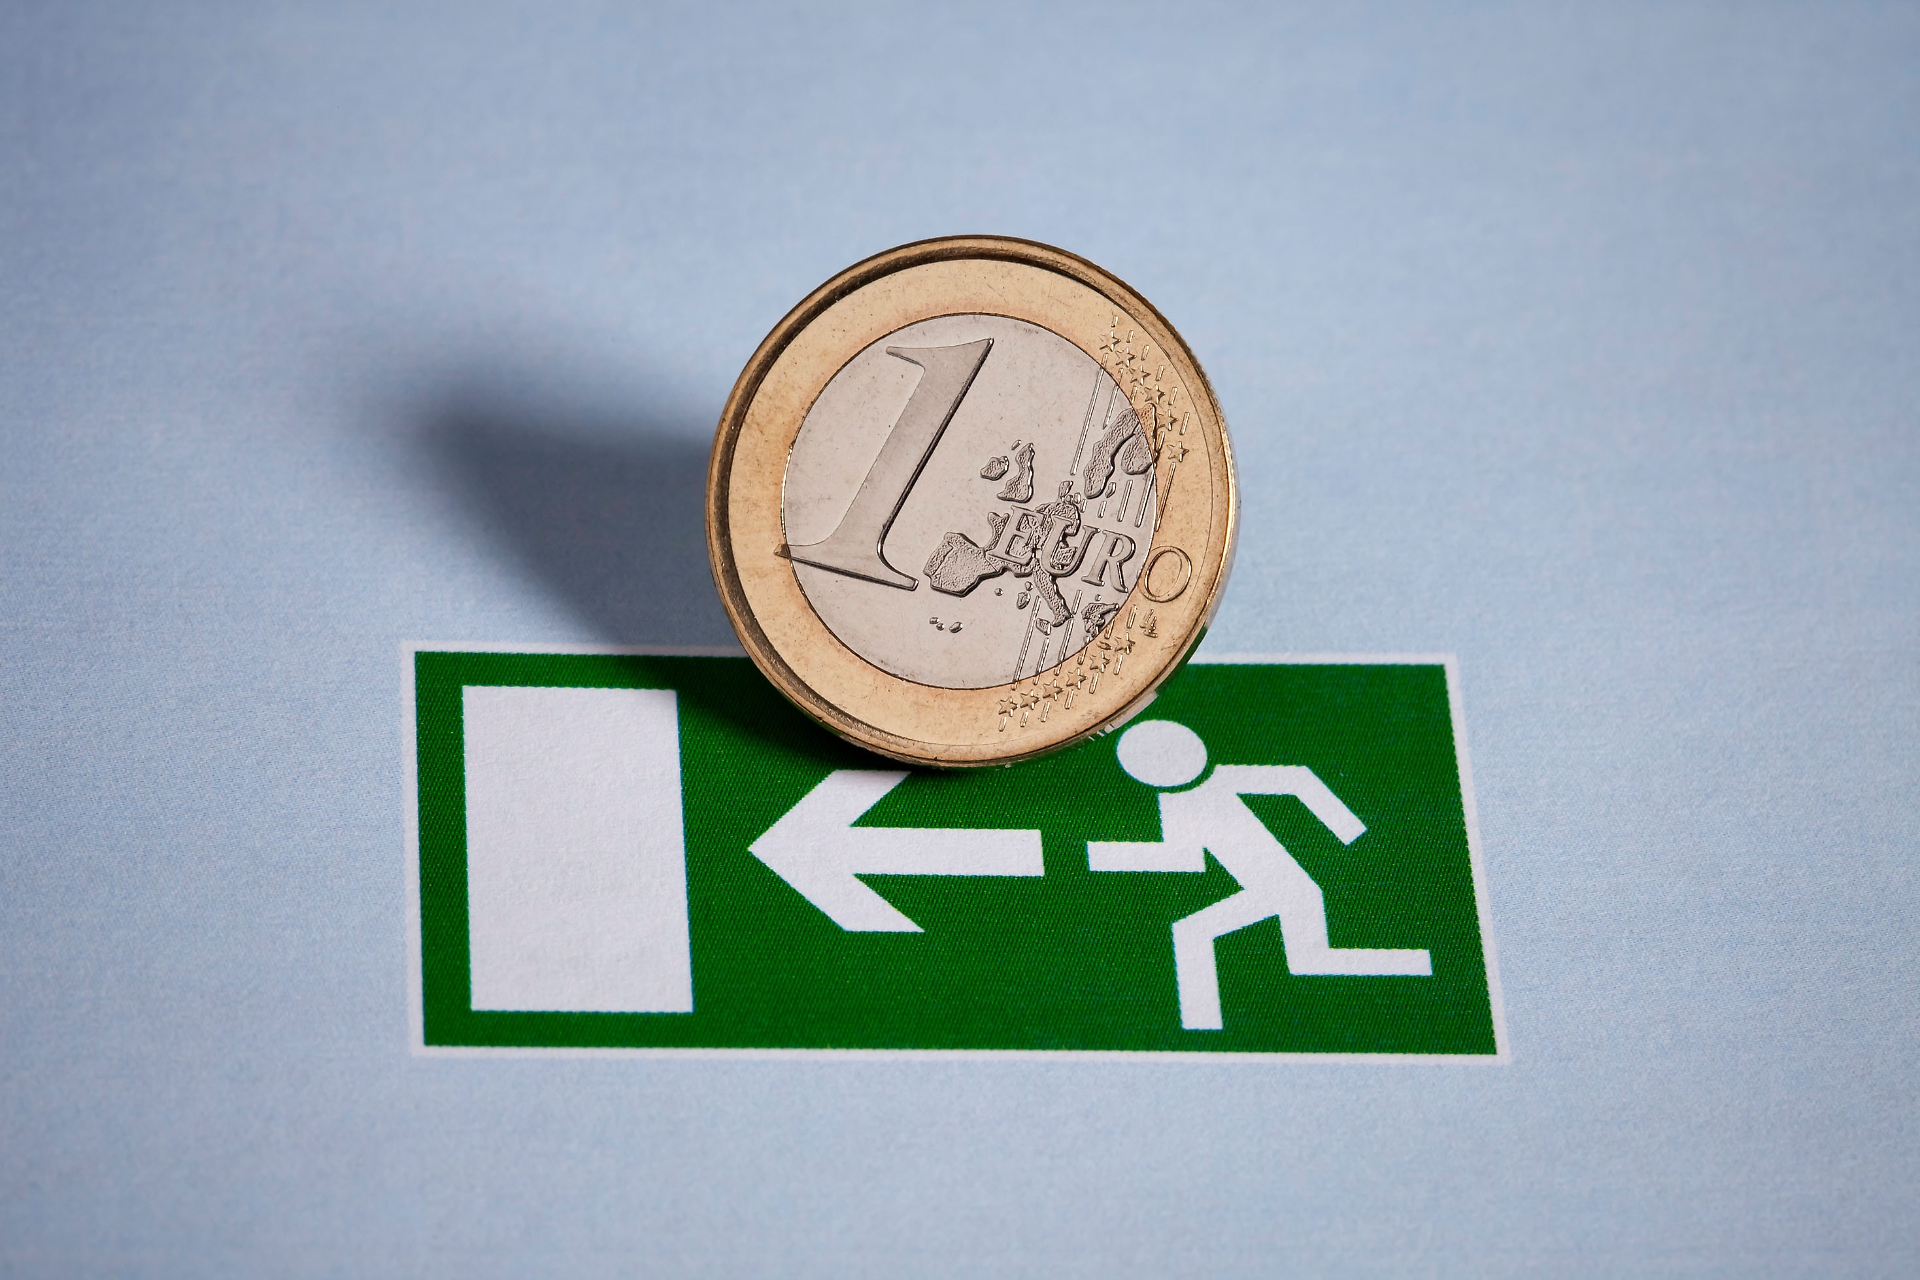 La doppia circolazione delle monete in alcuni paesi dell'Euro zona